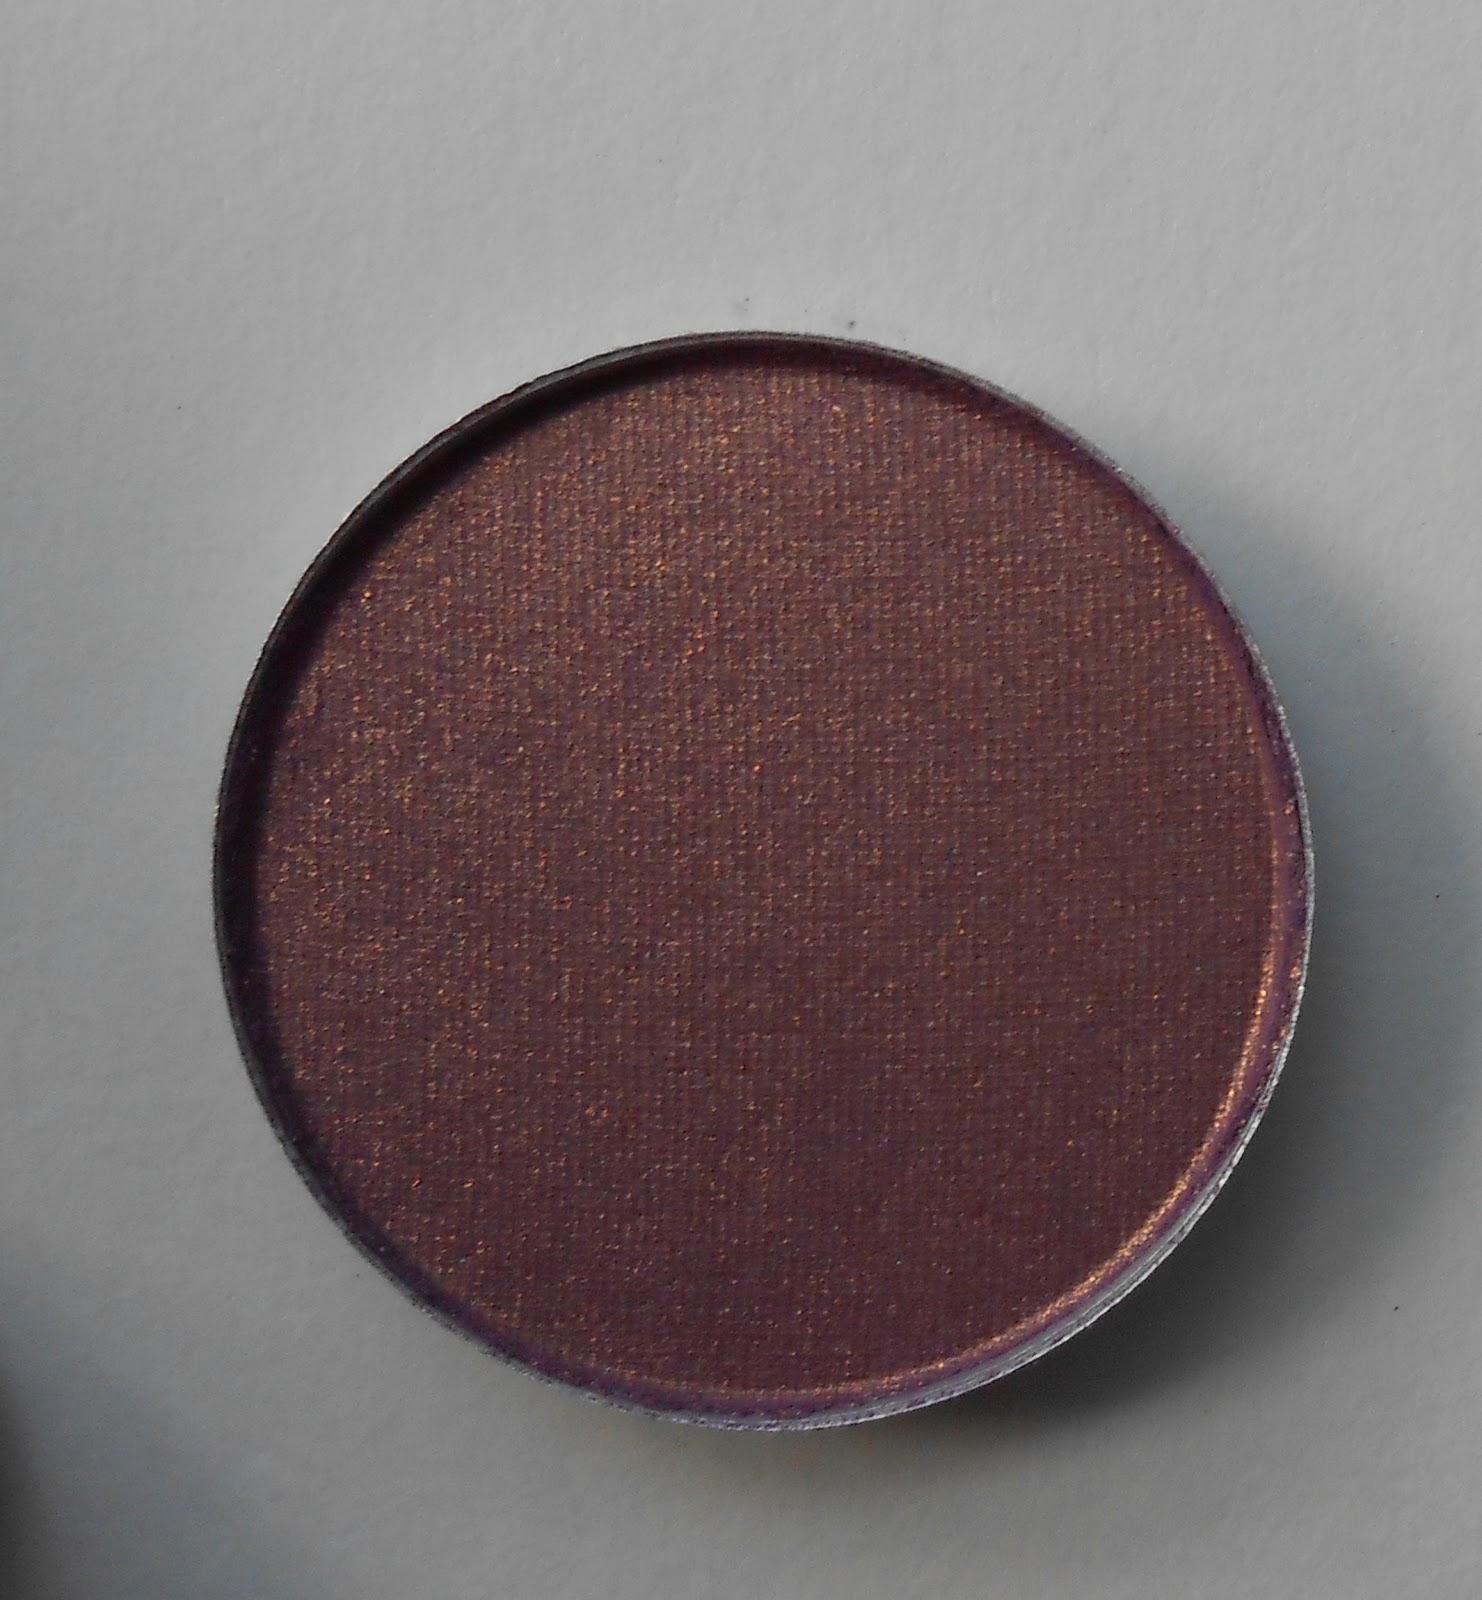 mac trax eyeshadow dupe - photo #18